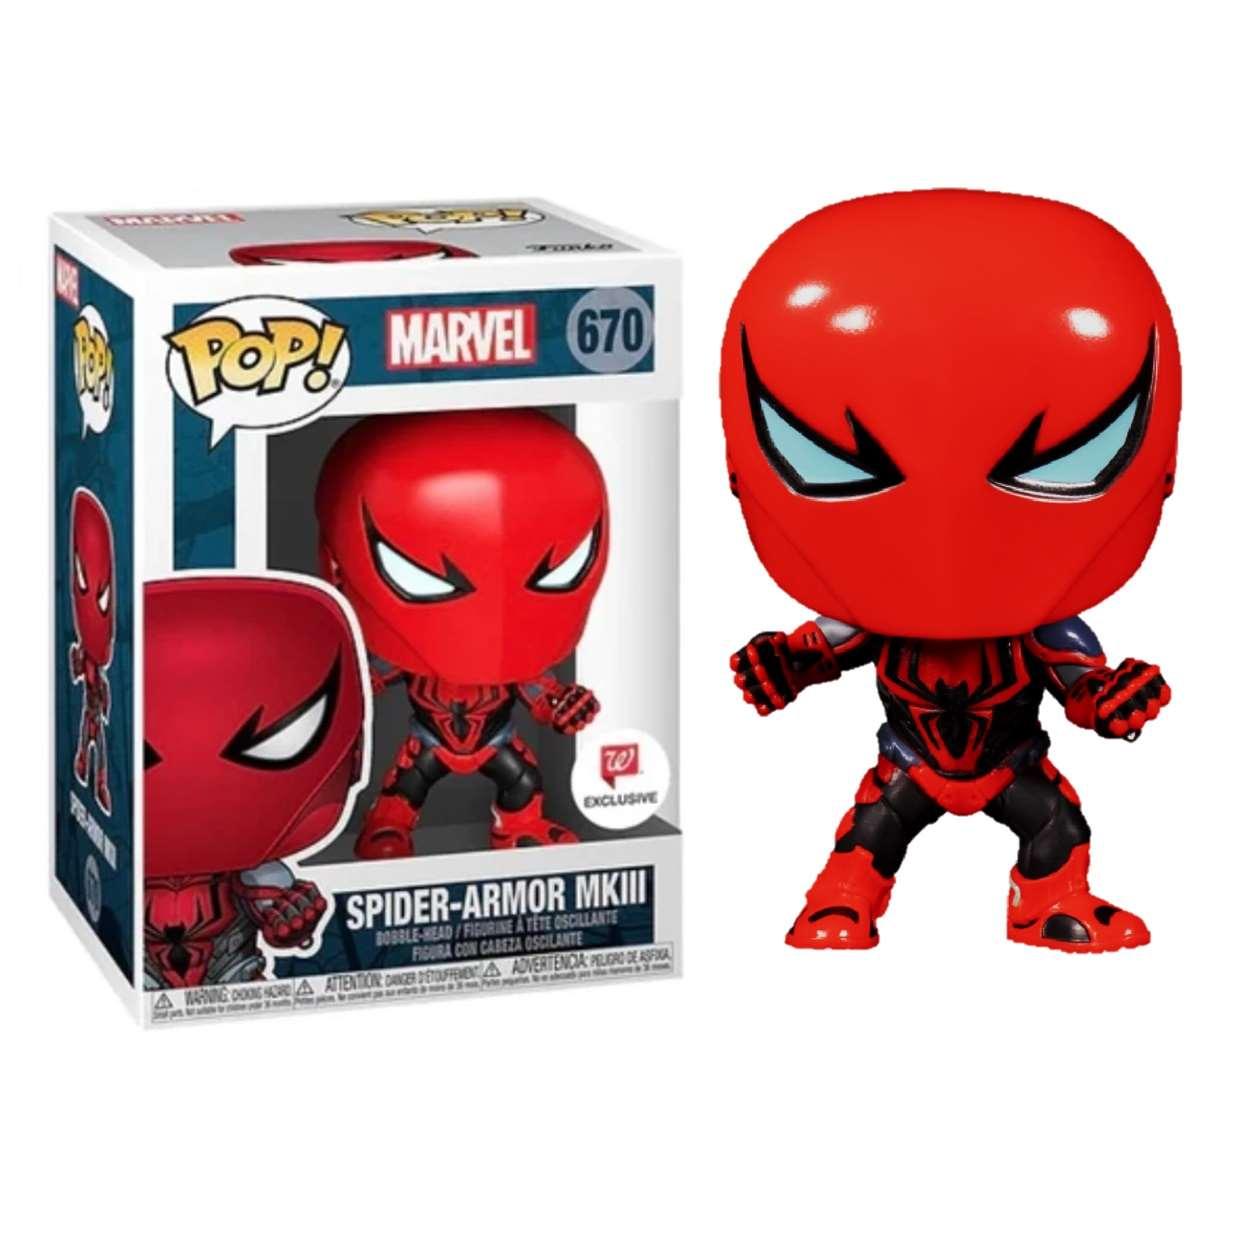 Spider Armor Mklll #670 Figura Marvel Funko Pop! Ex Walgreen